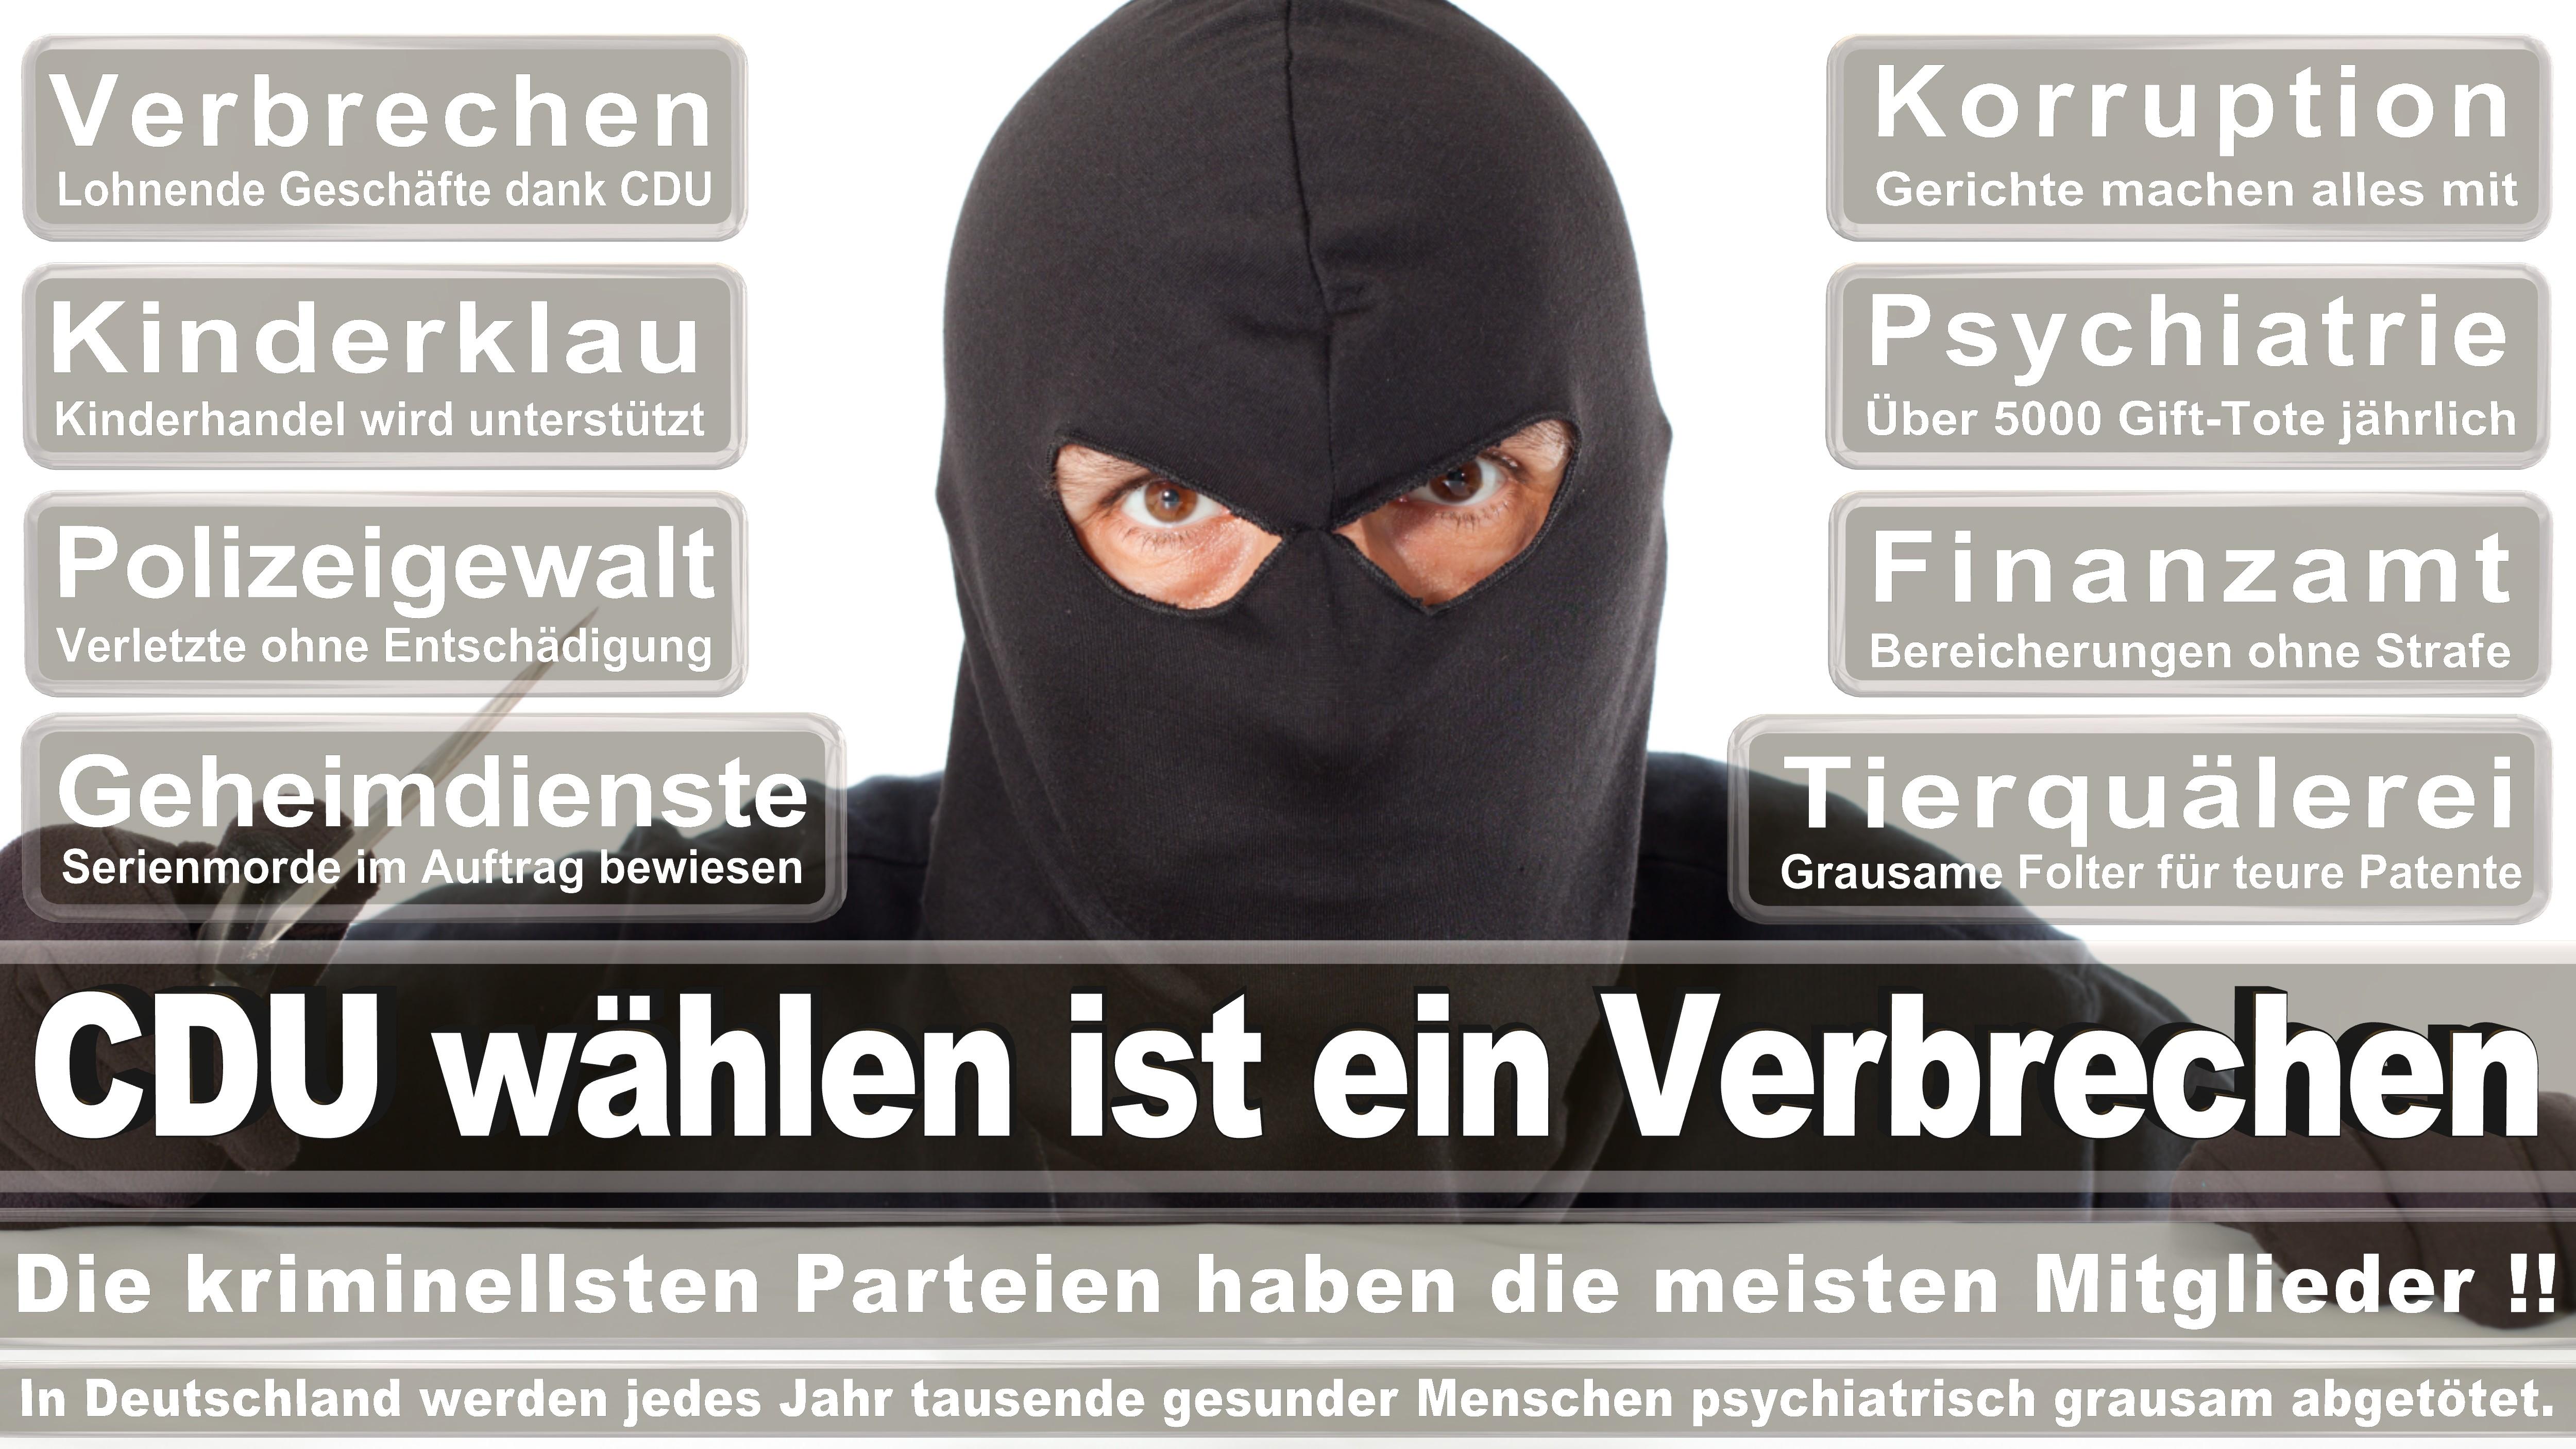 Stephan Stracke CDU CSU Politiker